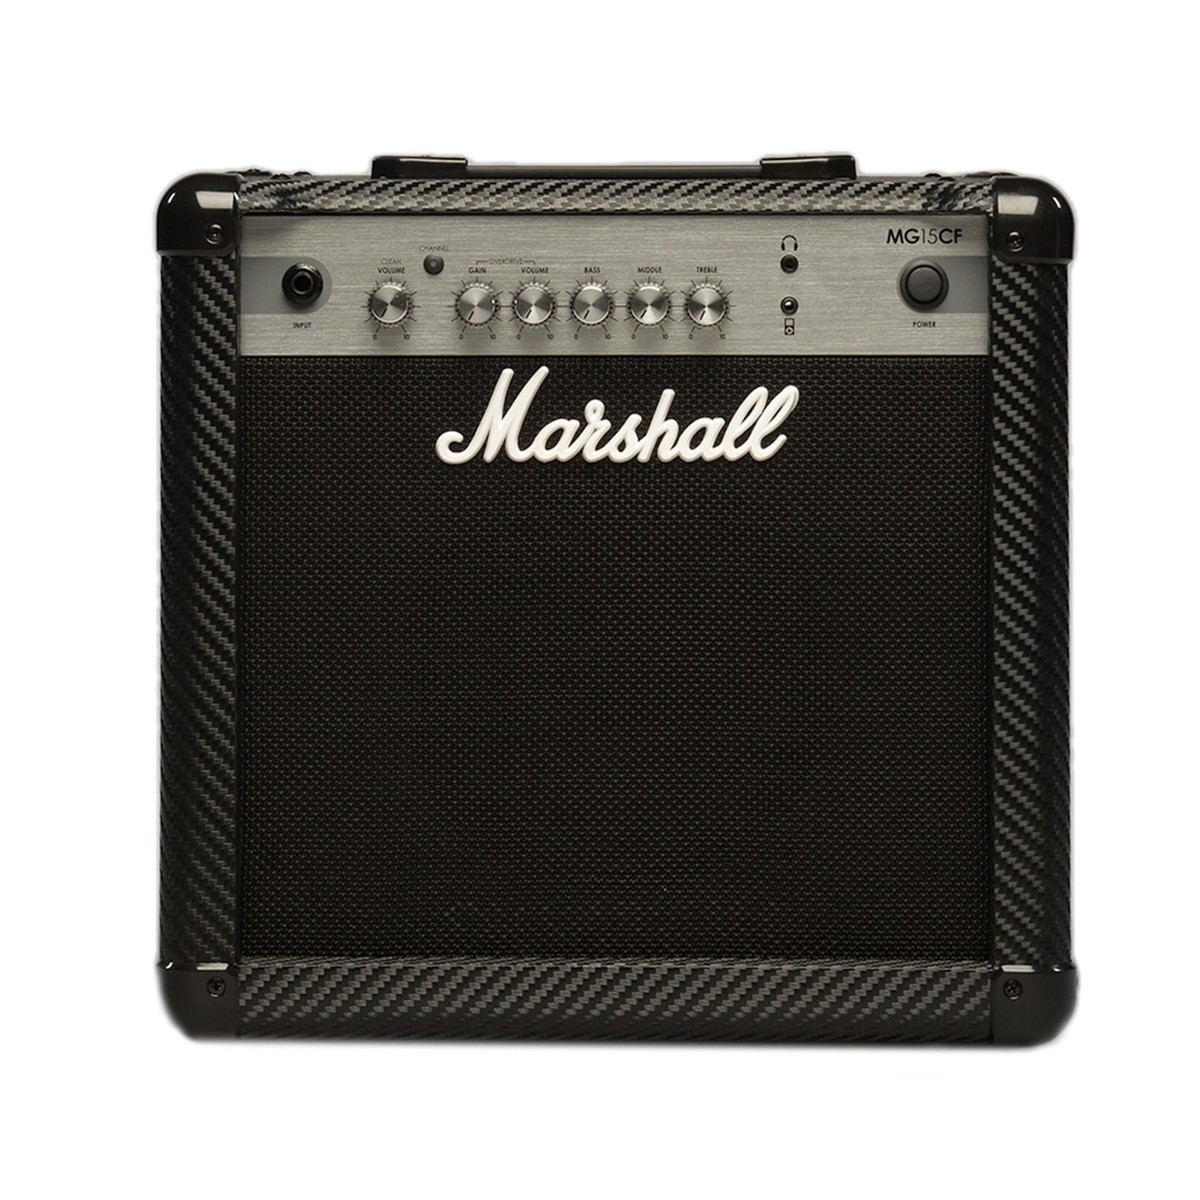 Marshall Mg15cf Fibra De Carbono Combo Guitarra 15w En Gear4music Com # Muebles Fibra De Carbono